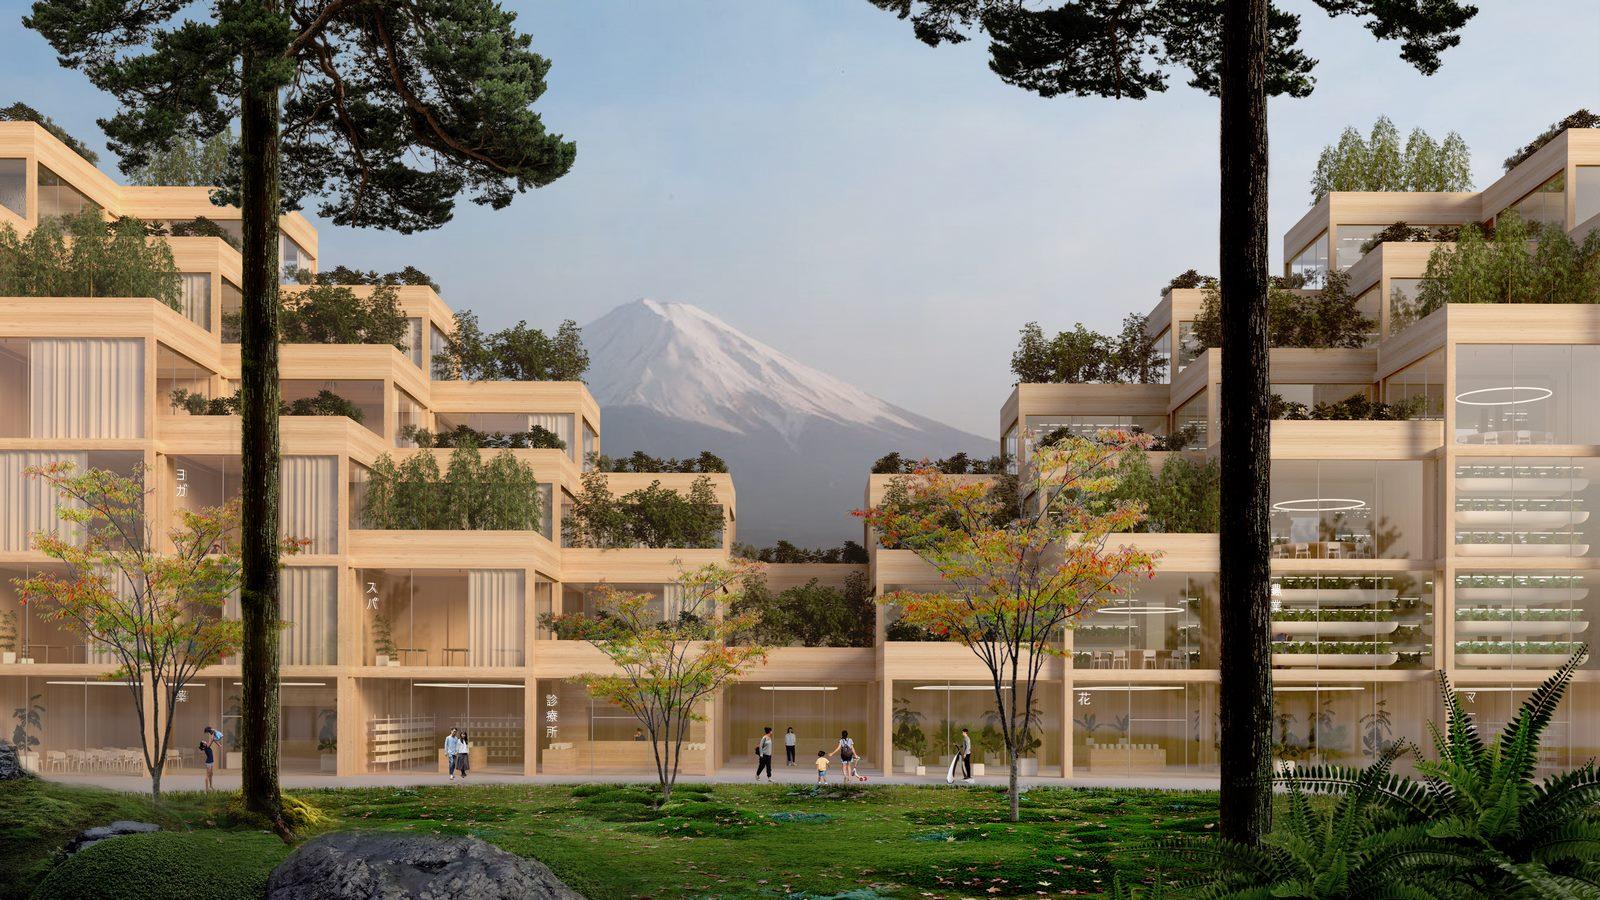 El tejido de una ciudad para mejorar la calidad de vida 14